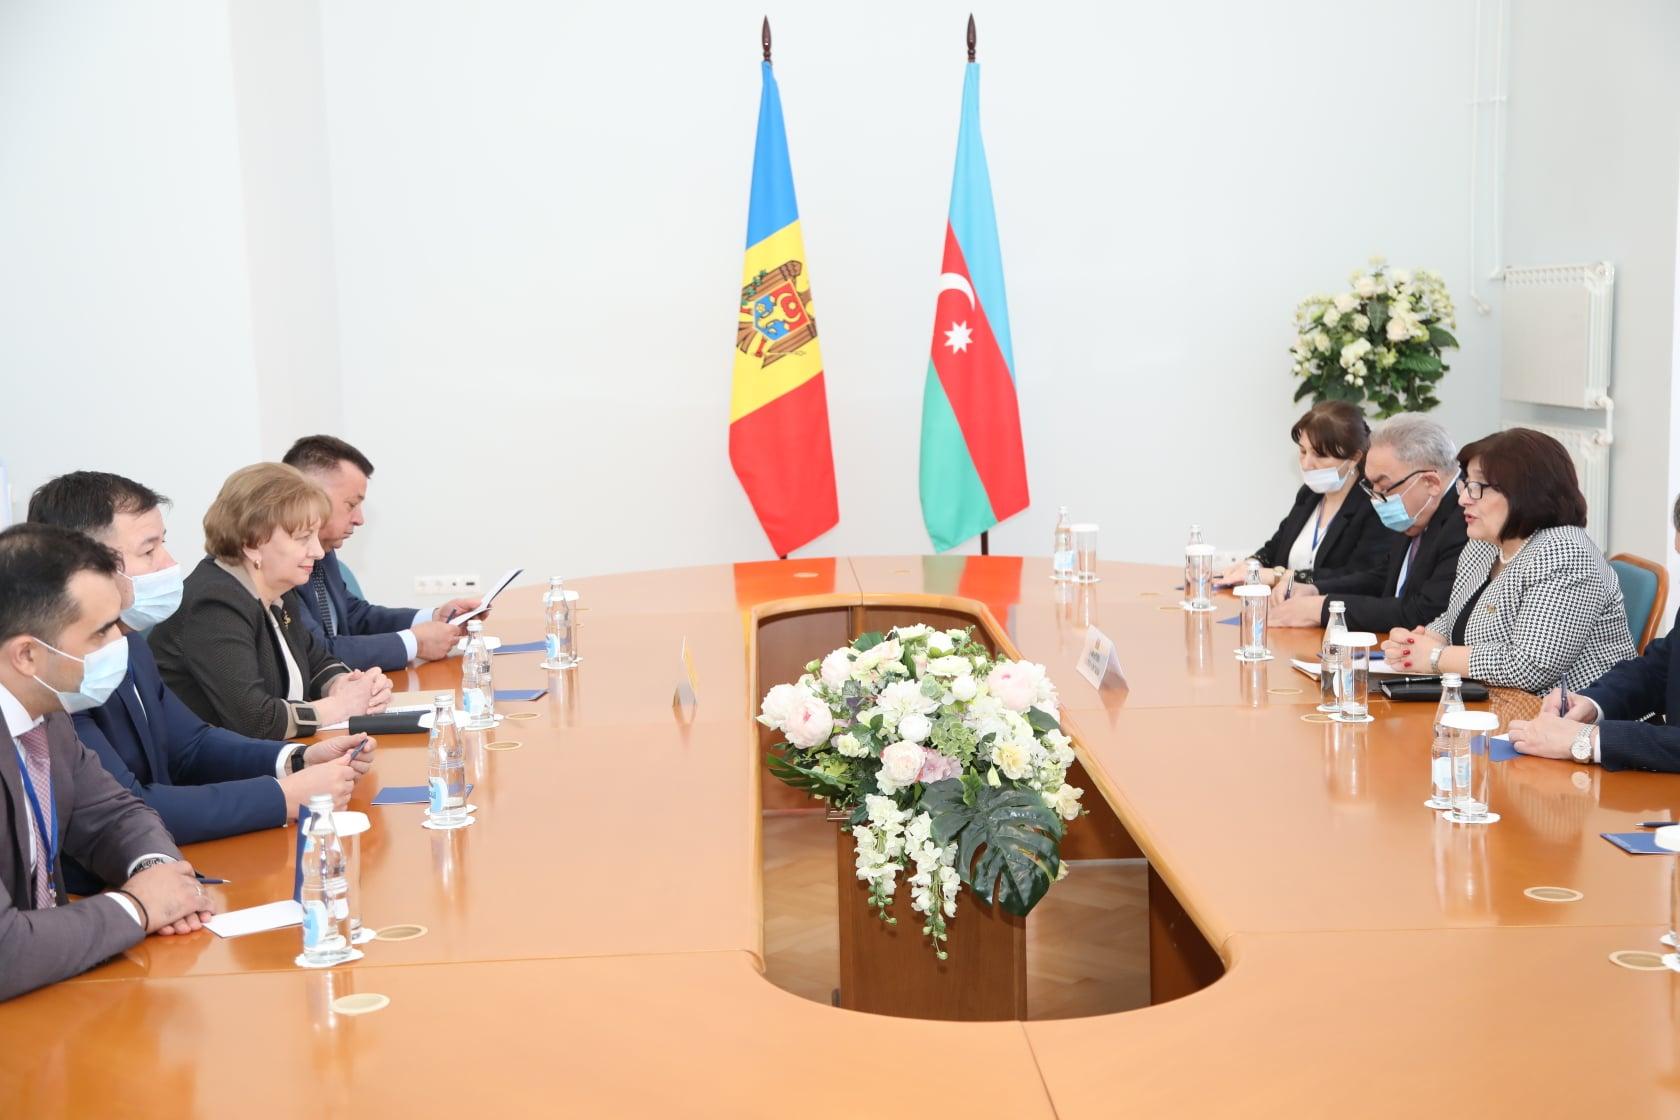 Спикер выступила за интенсификацию отношений с Азербайджаном